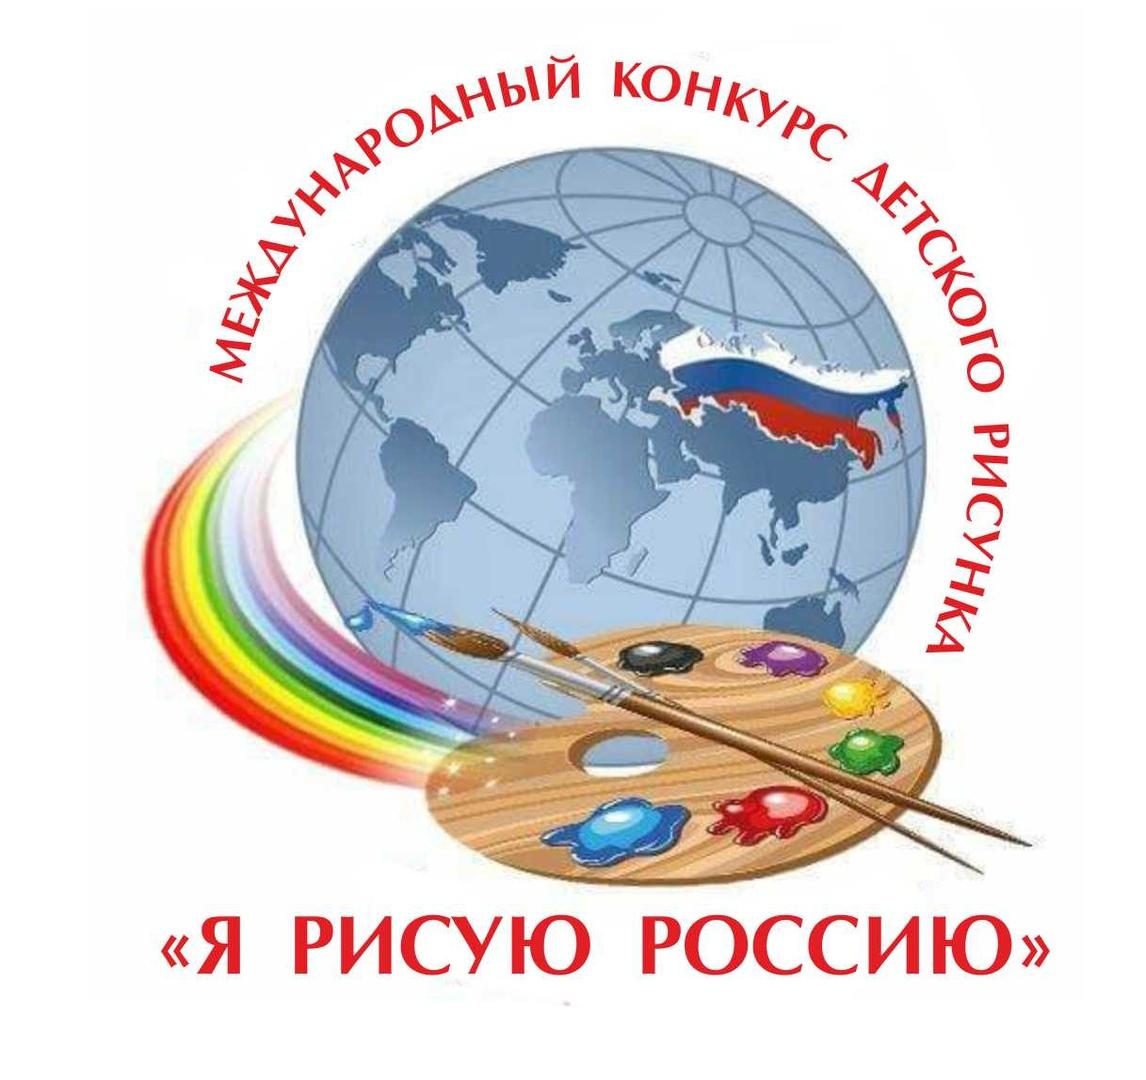 «Более тридцати стран приняли участие в международном конкурсе  «Я рисую Россию»», - Артем Кавинов